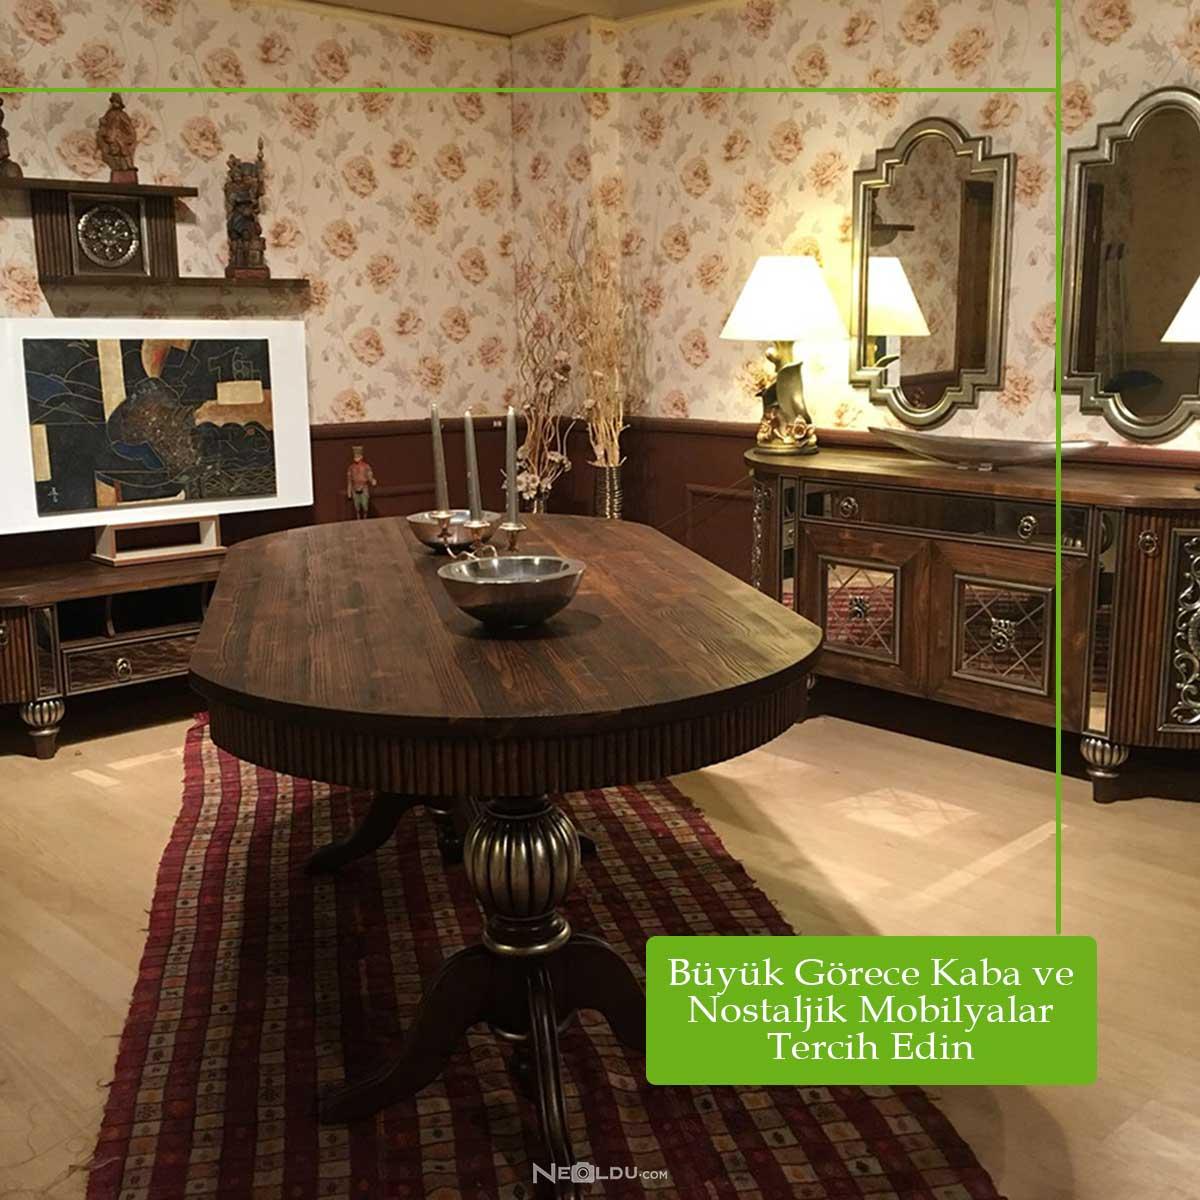 nostaljik-mobilyalar-tercih-edin.jpg